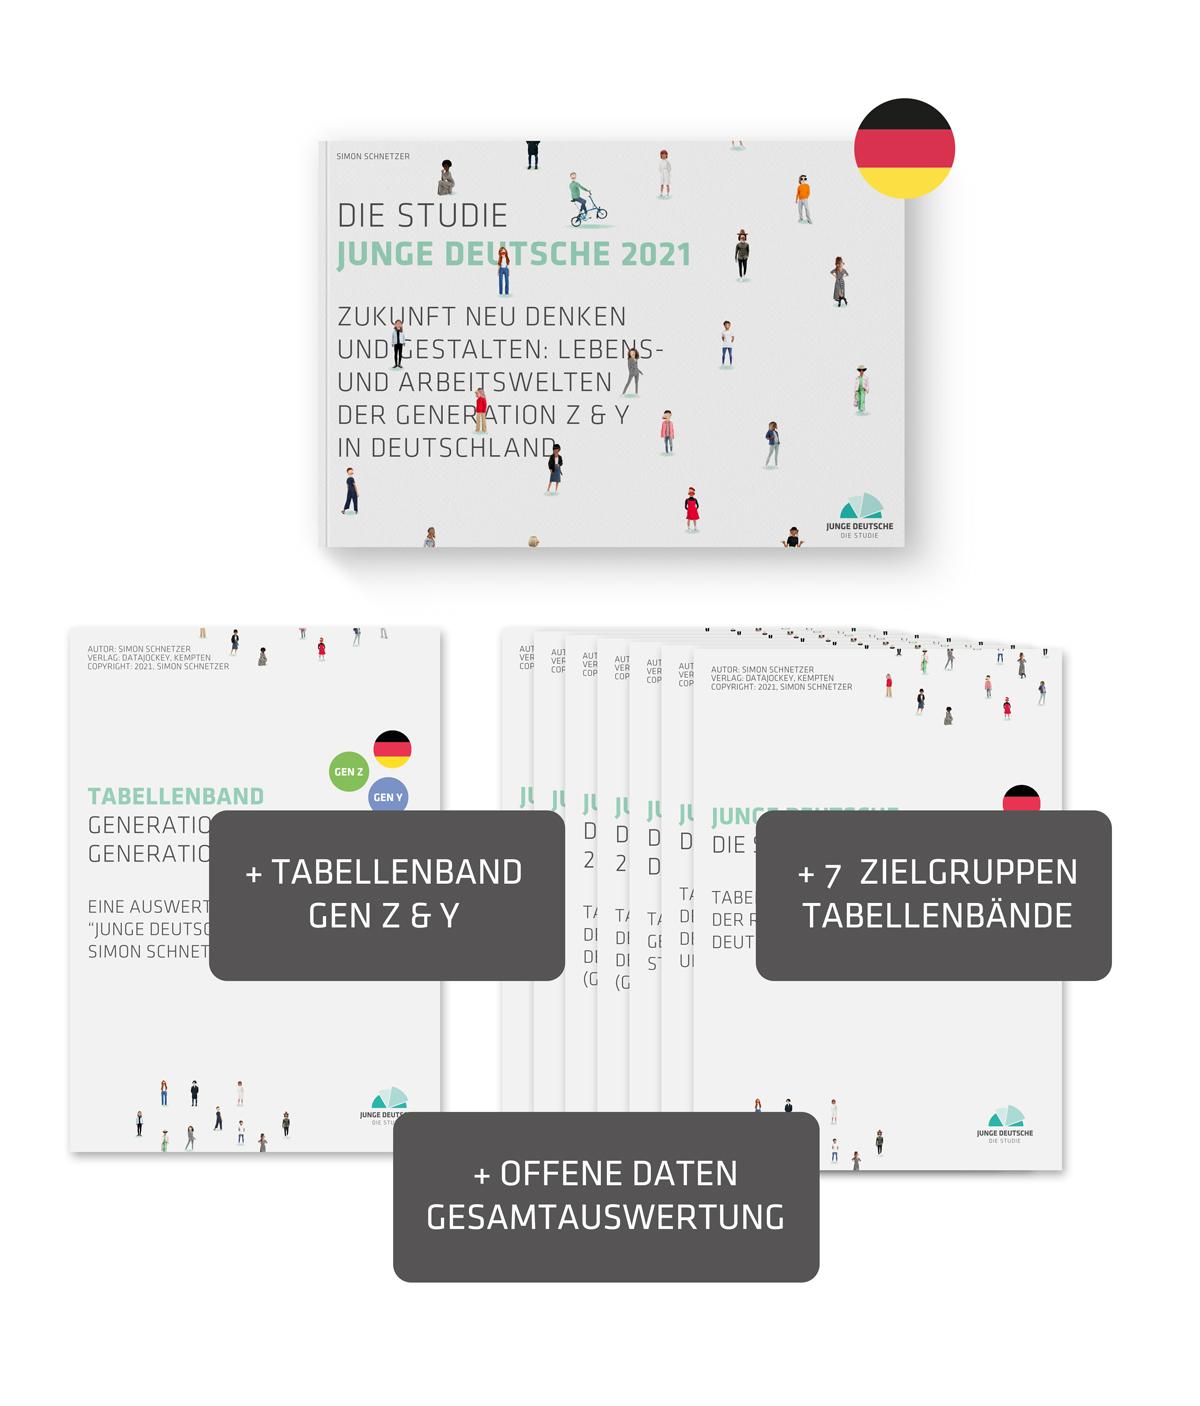 Produktbild - Studie Junge Deutsche 2021 Publikation FORSCHUNG